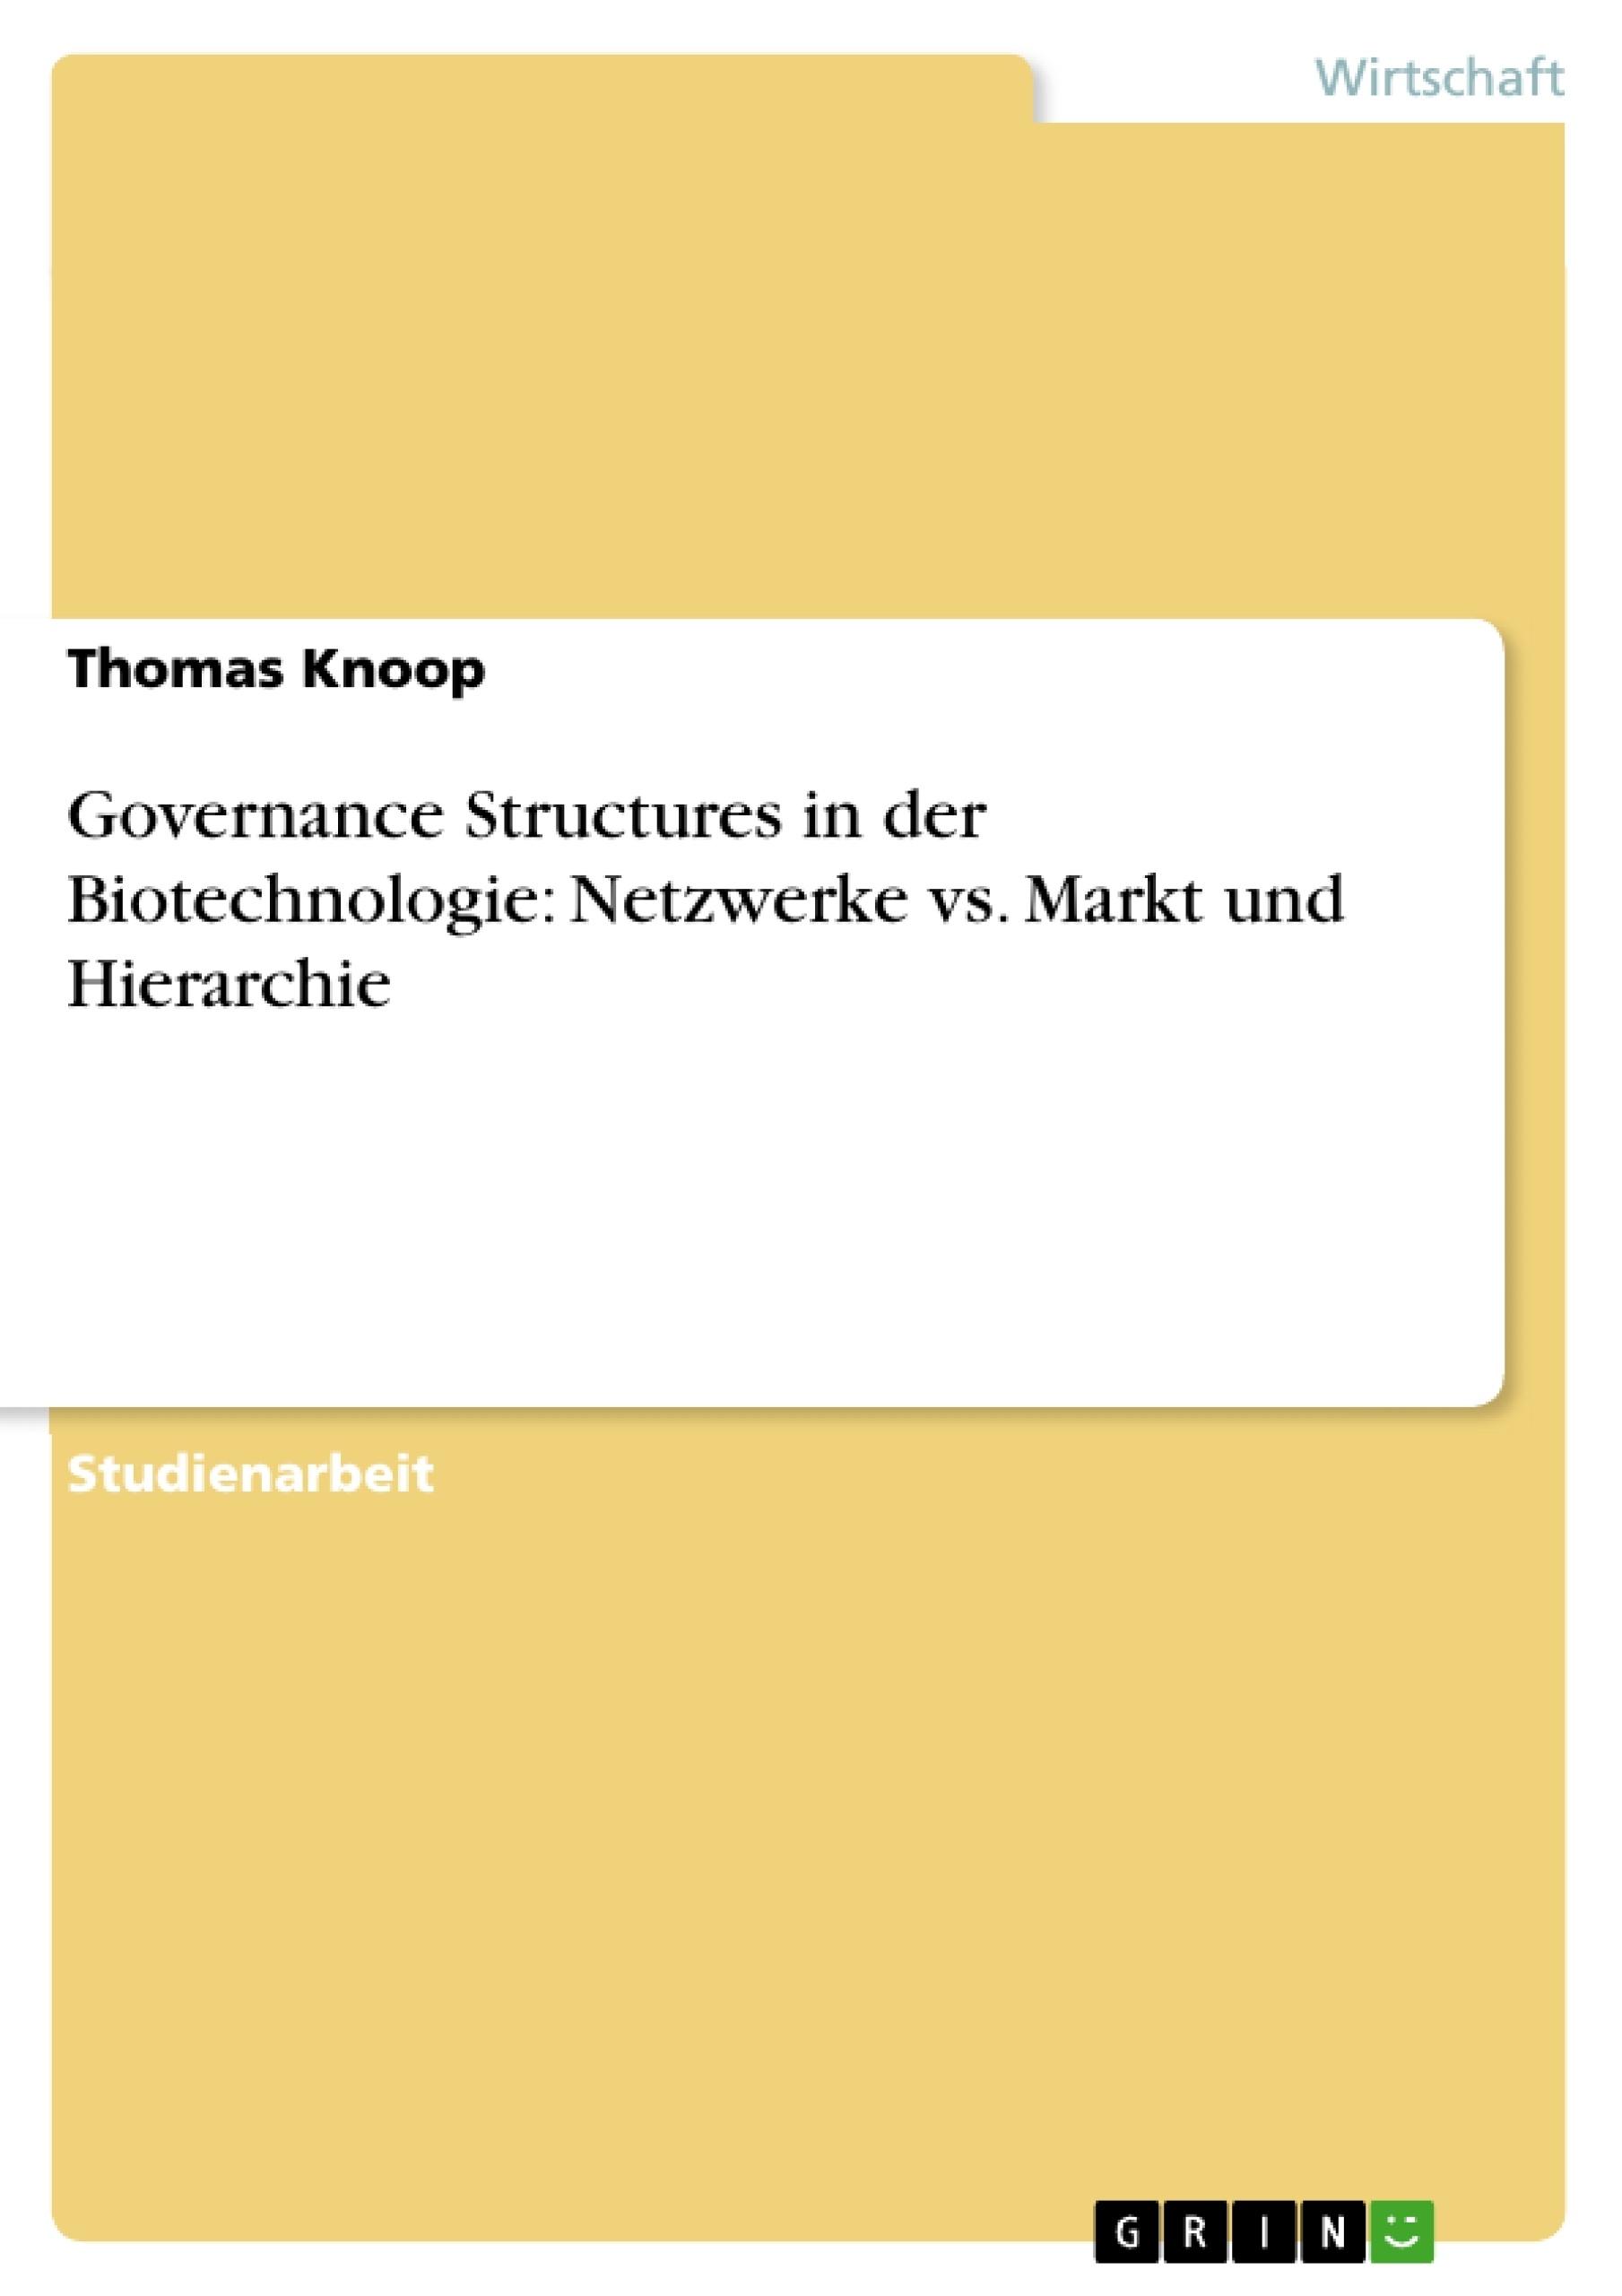 Titel: Governance Structures in der Biotechnologie: Netzwerke vs. Markt und Hierarchie